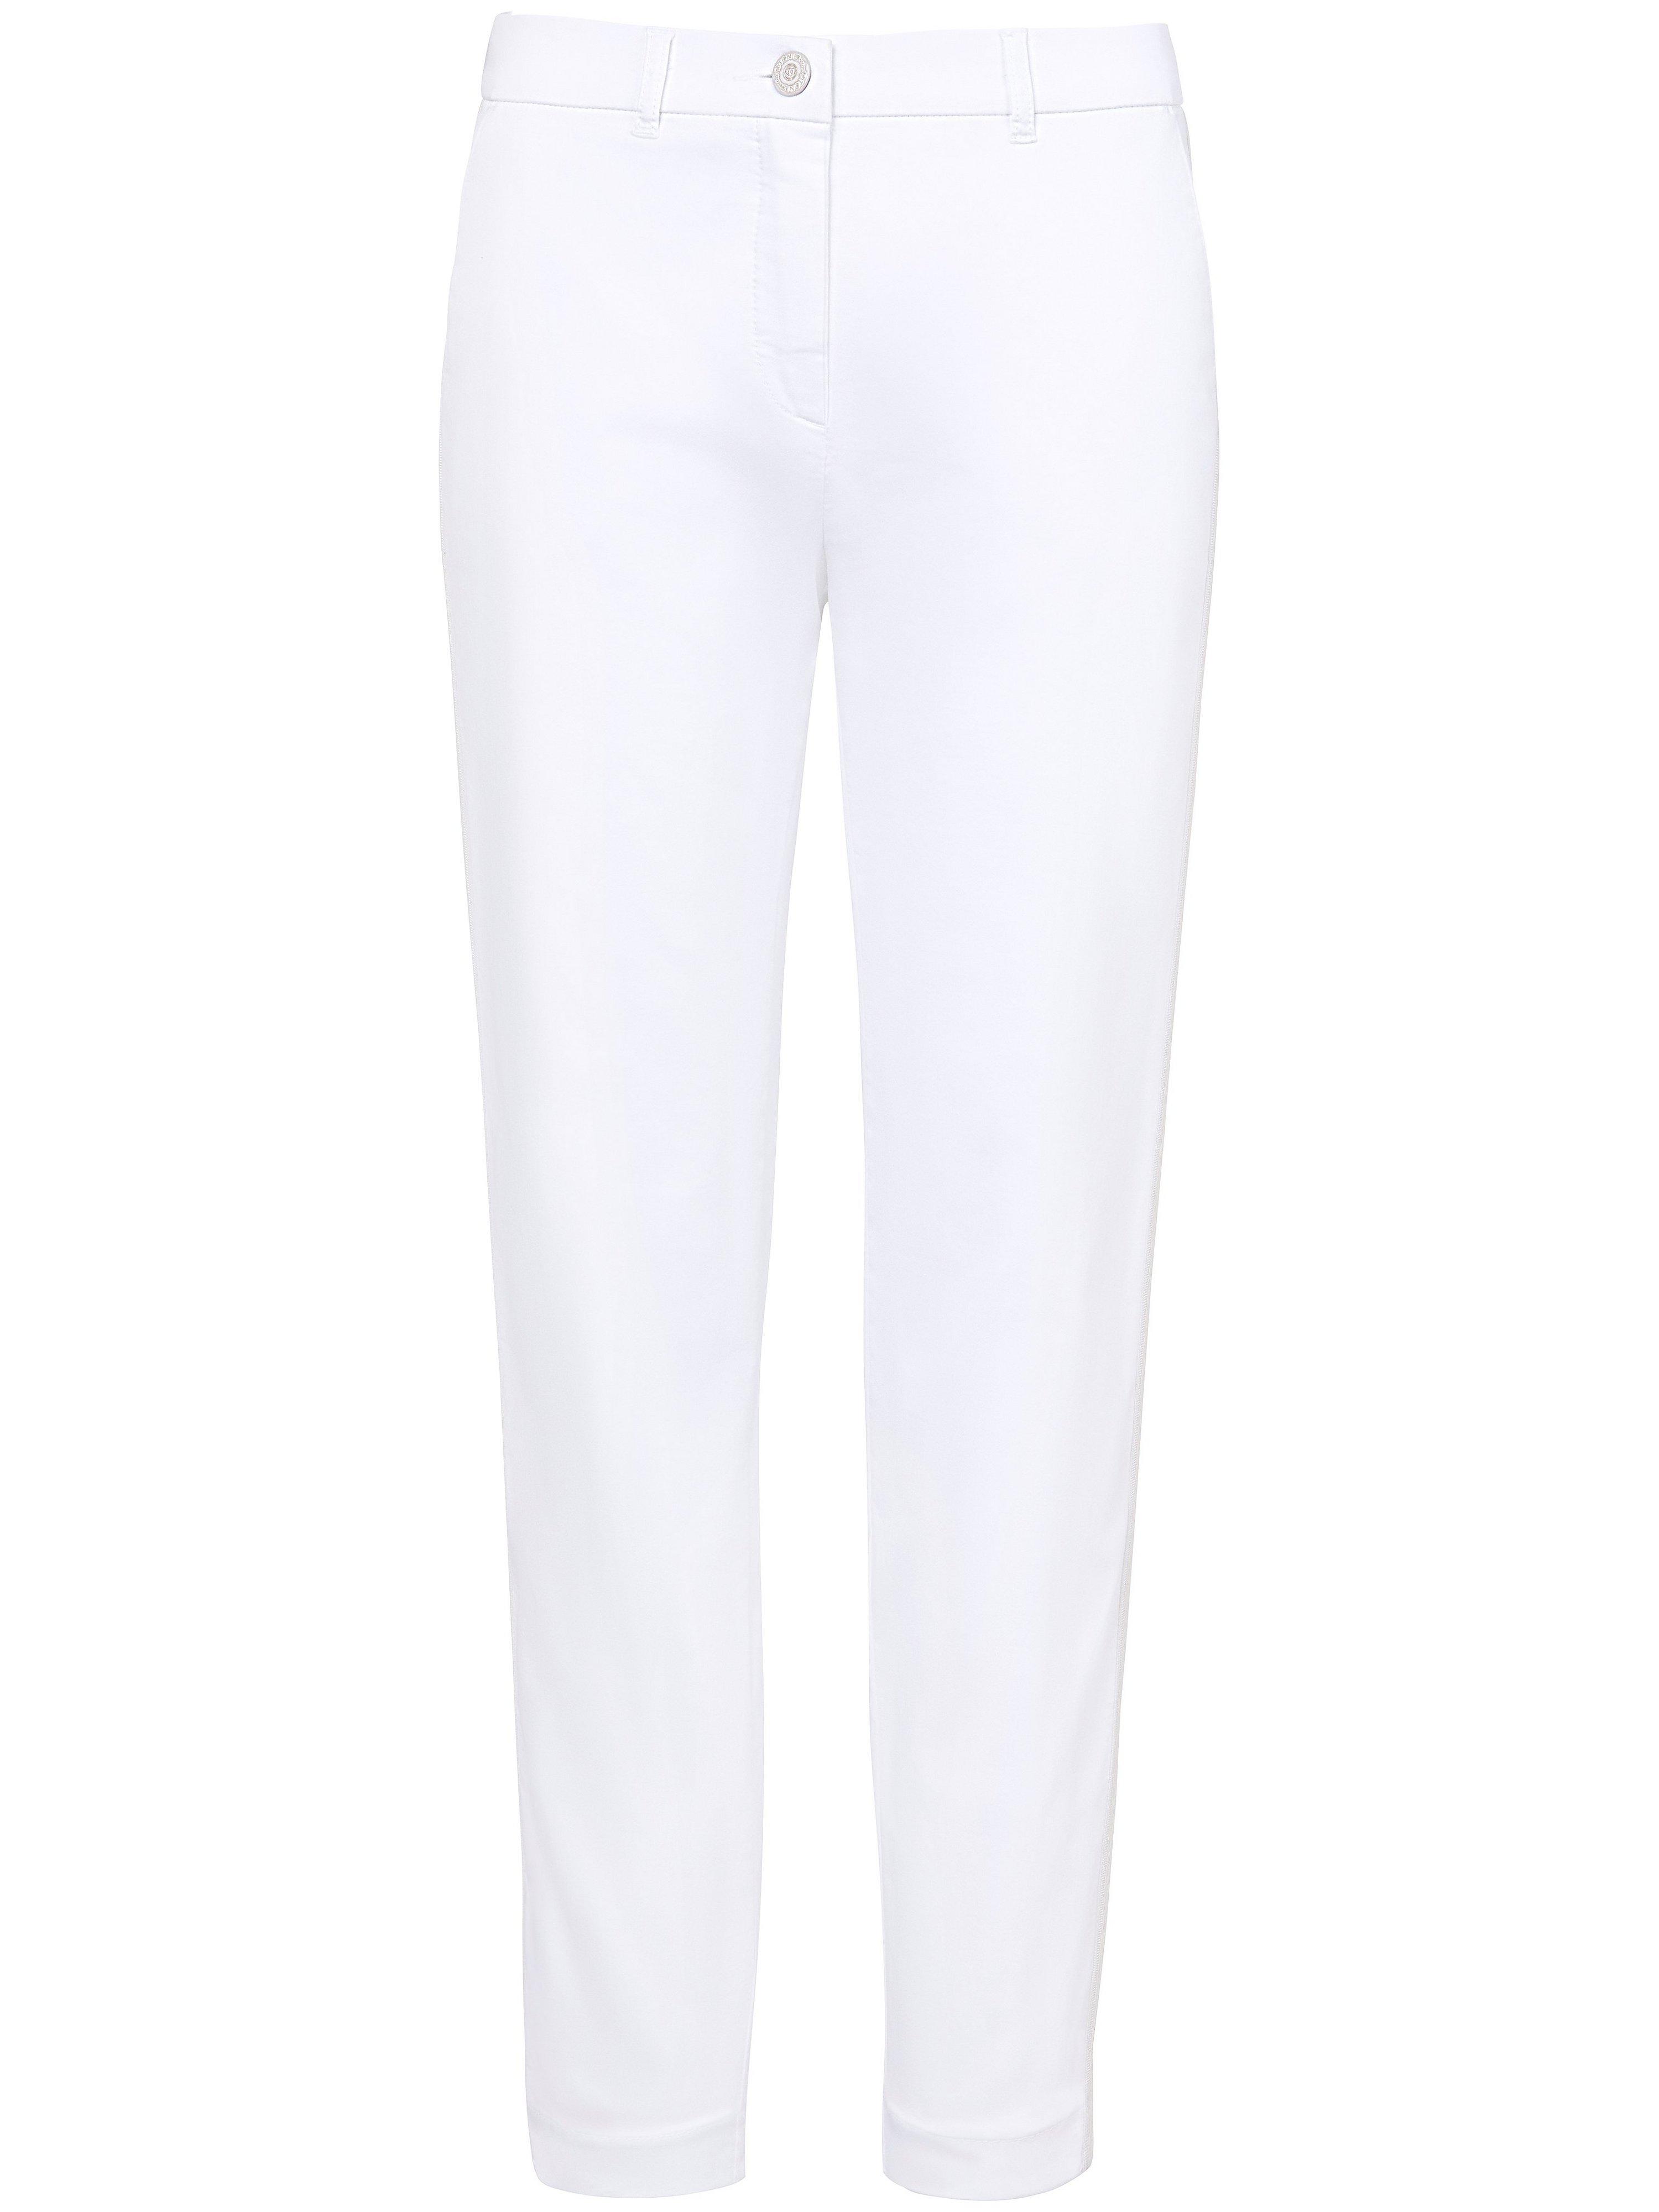 Le pantalon longueur chevilles coupe Slim Fit – CS  Toni blanc taille 40